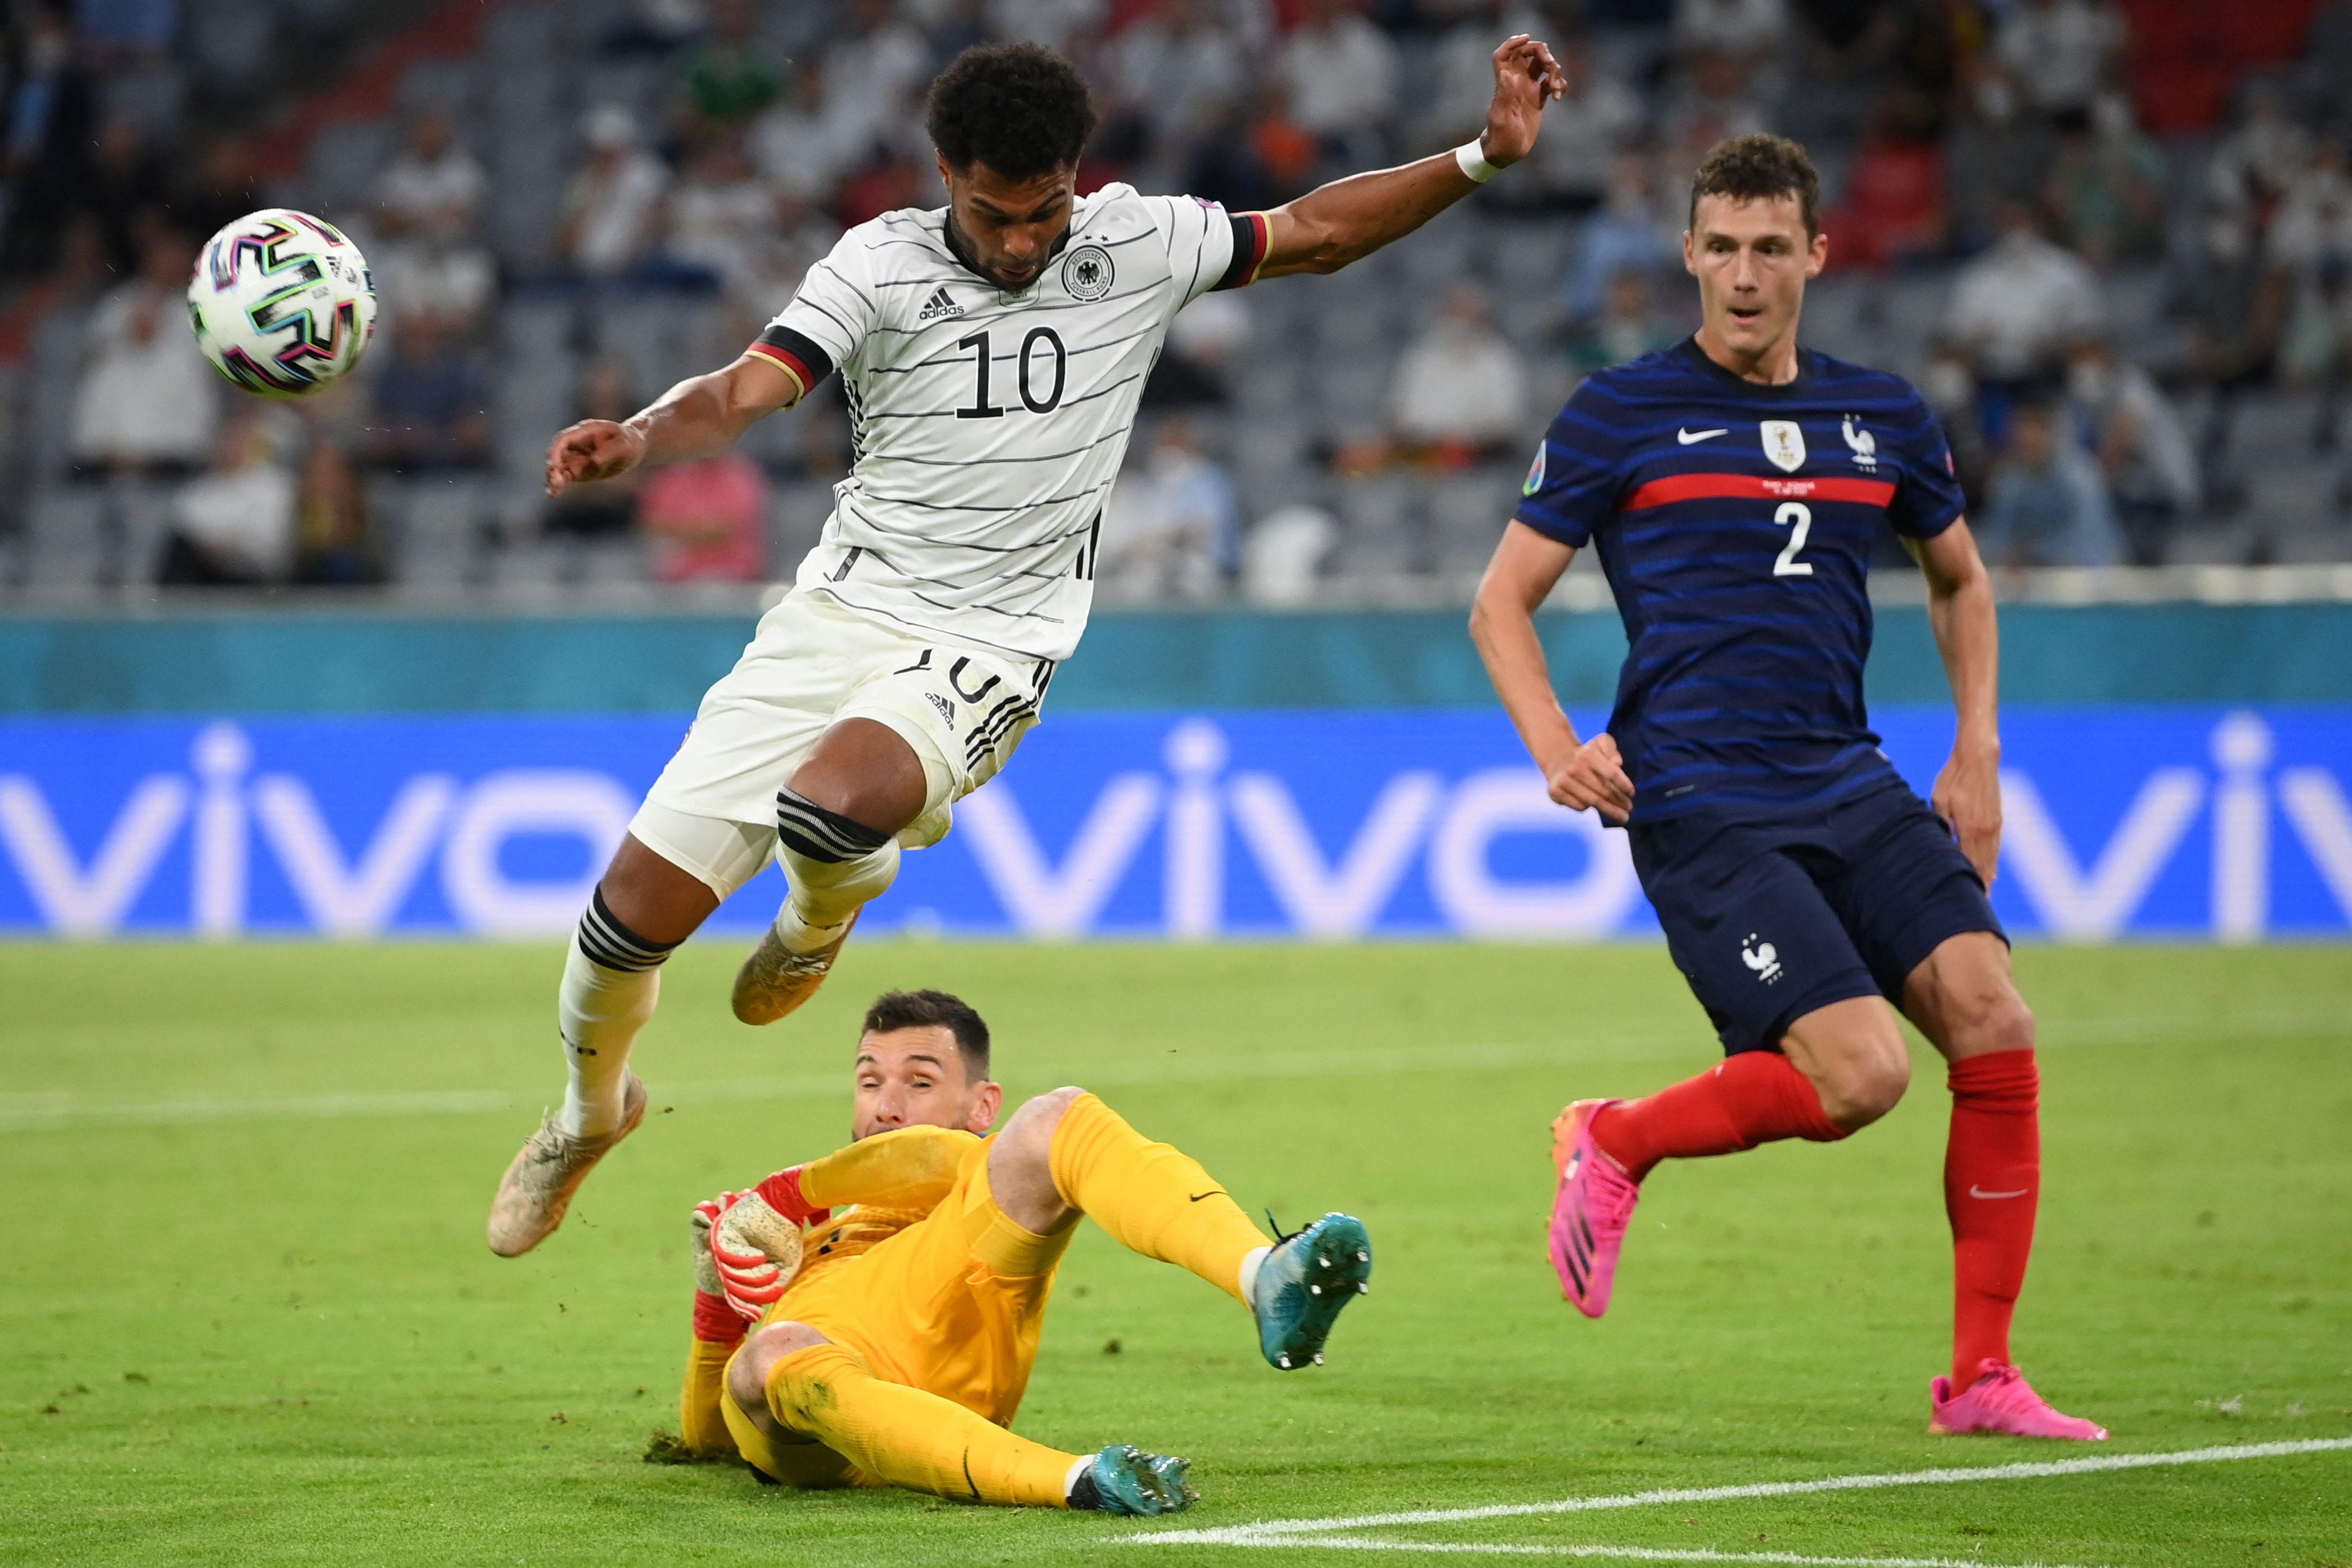 Euro 2020 : La France fait le nécessaire face à l'Allemagne